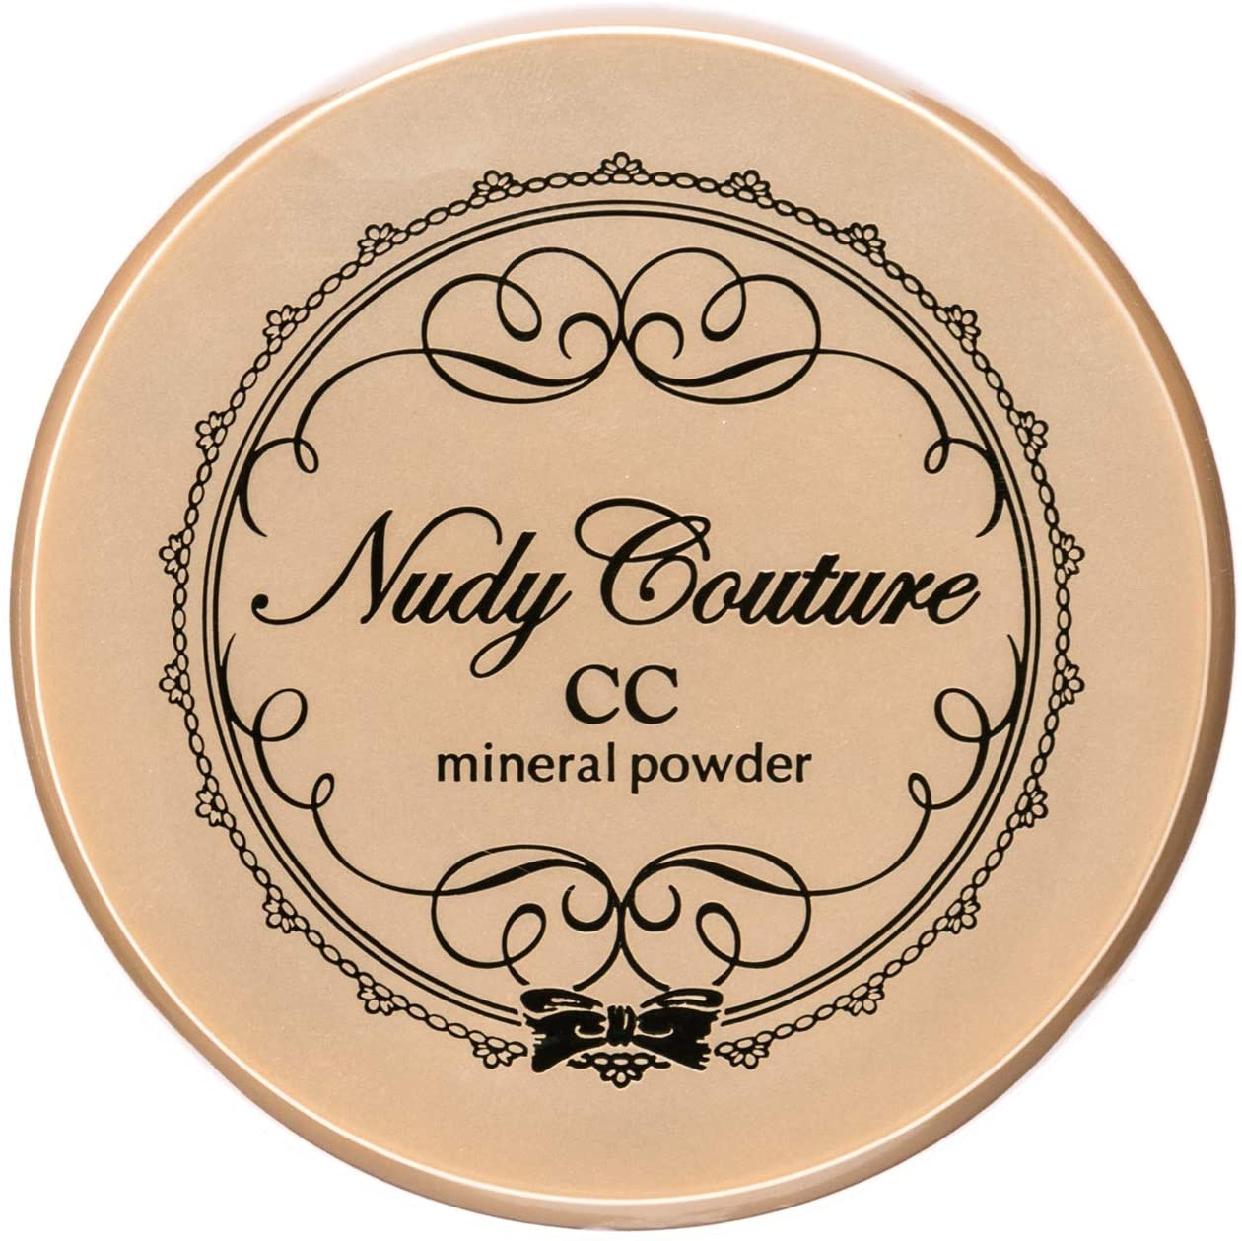 Nudy Couture(ヌーディクチュール)CC ミネラルパウダーの商品画像